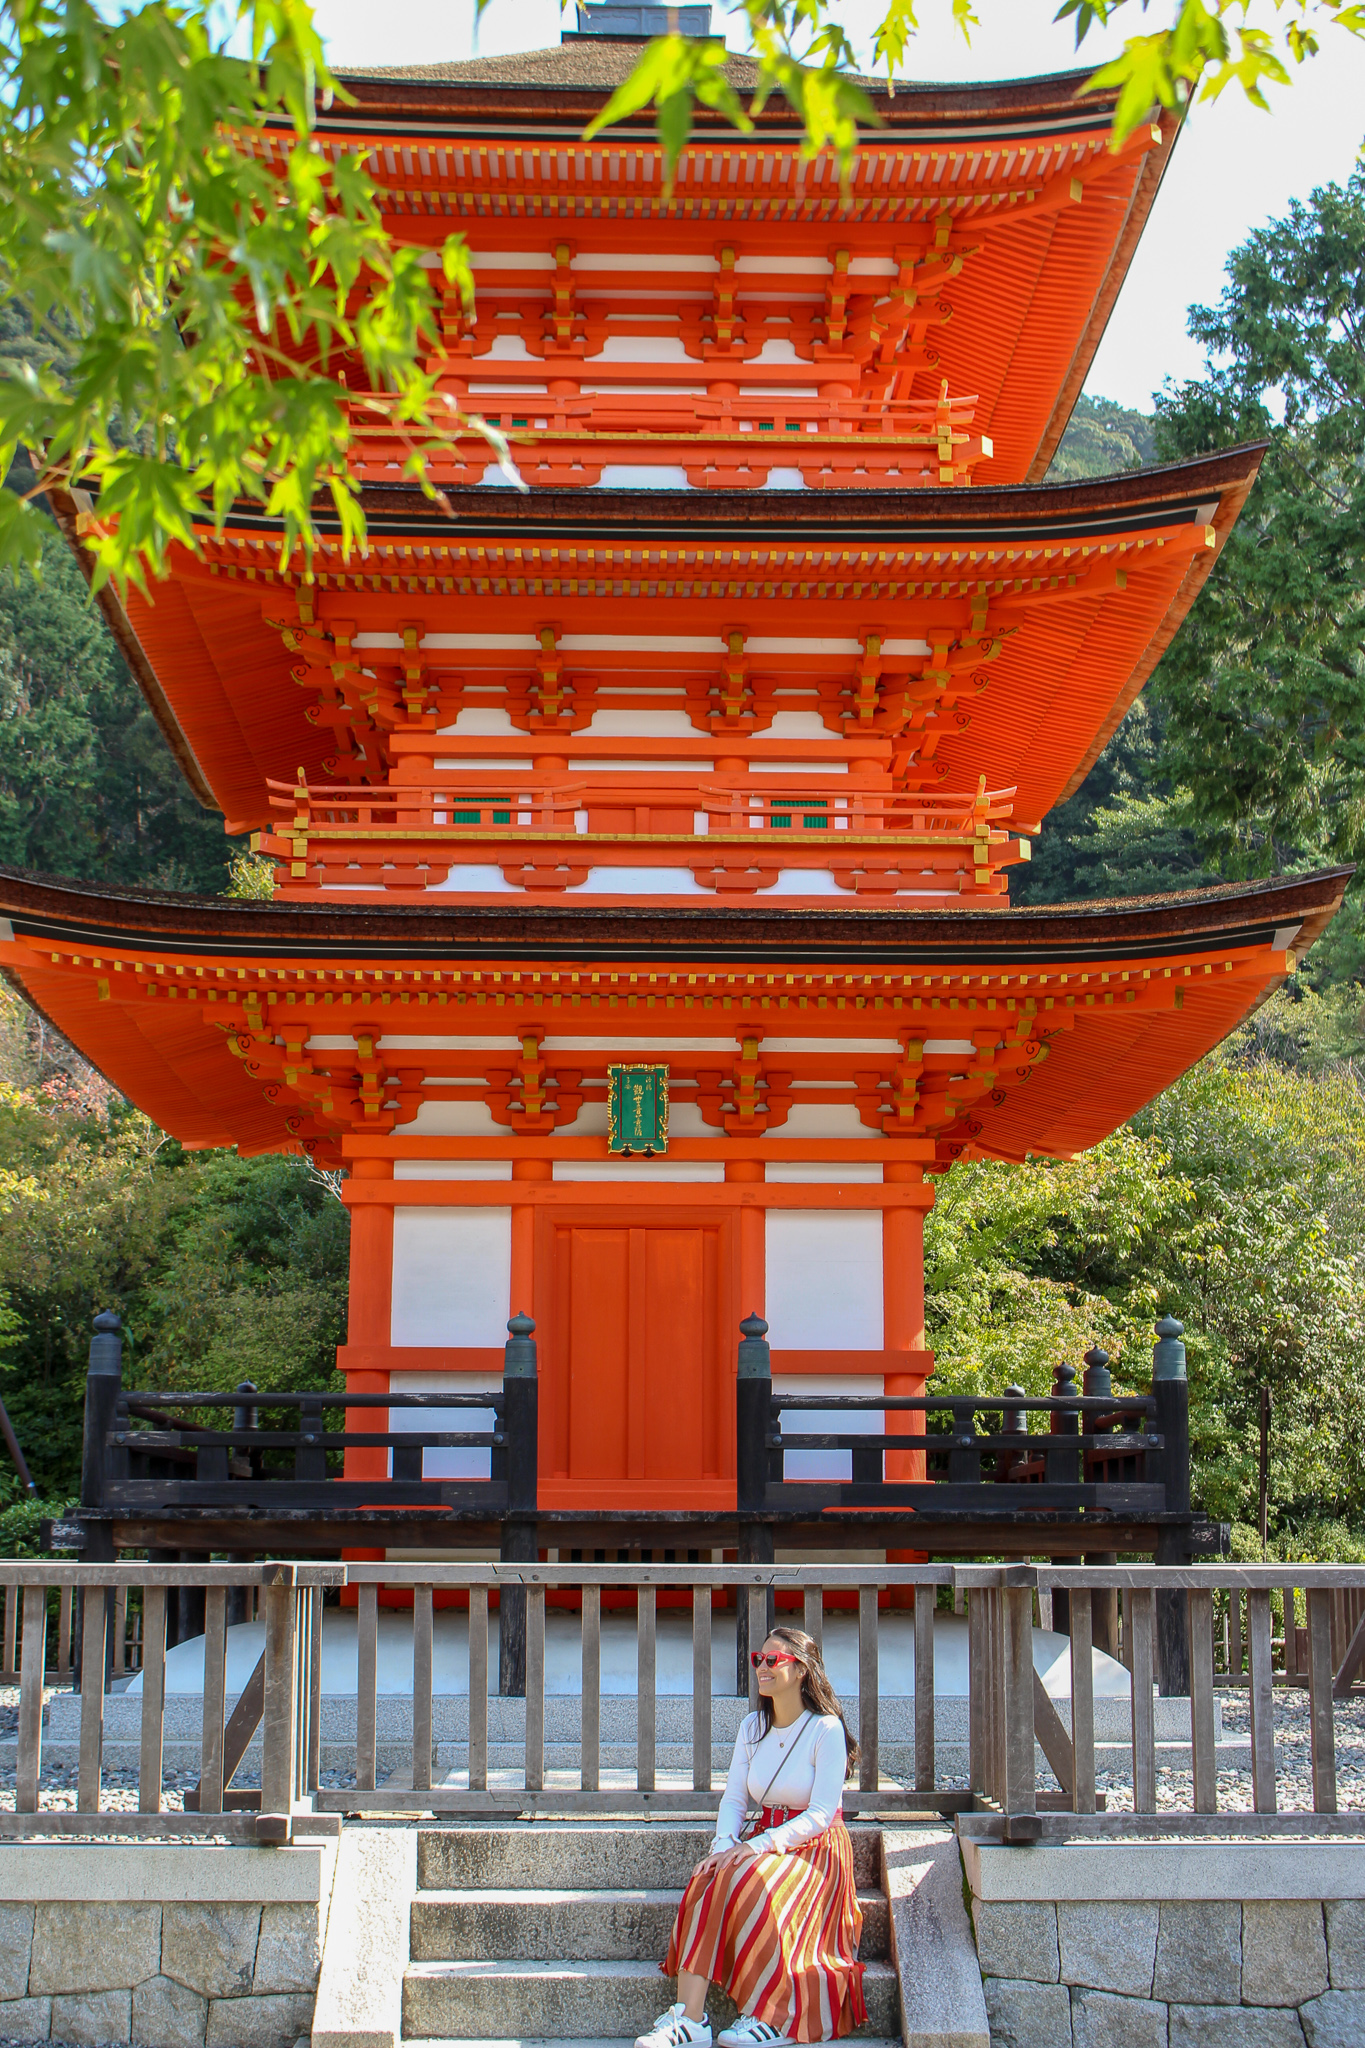 Kyomizu_Dera_pagode_2